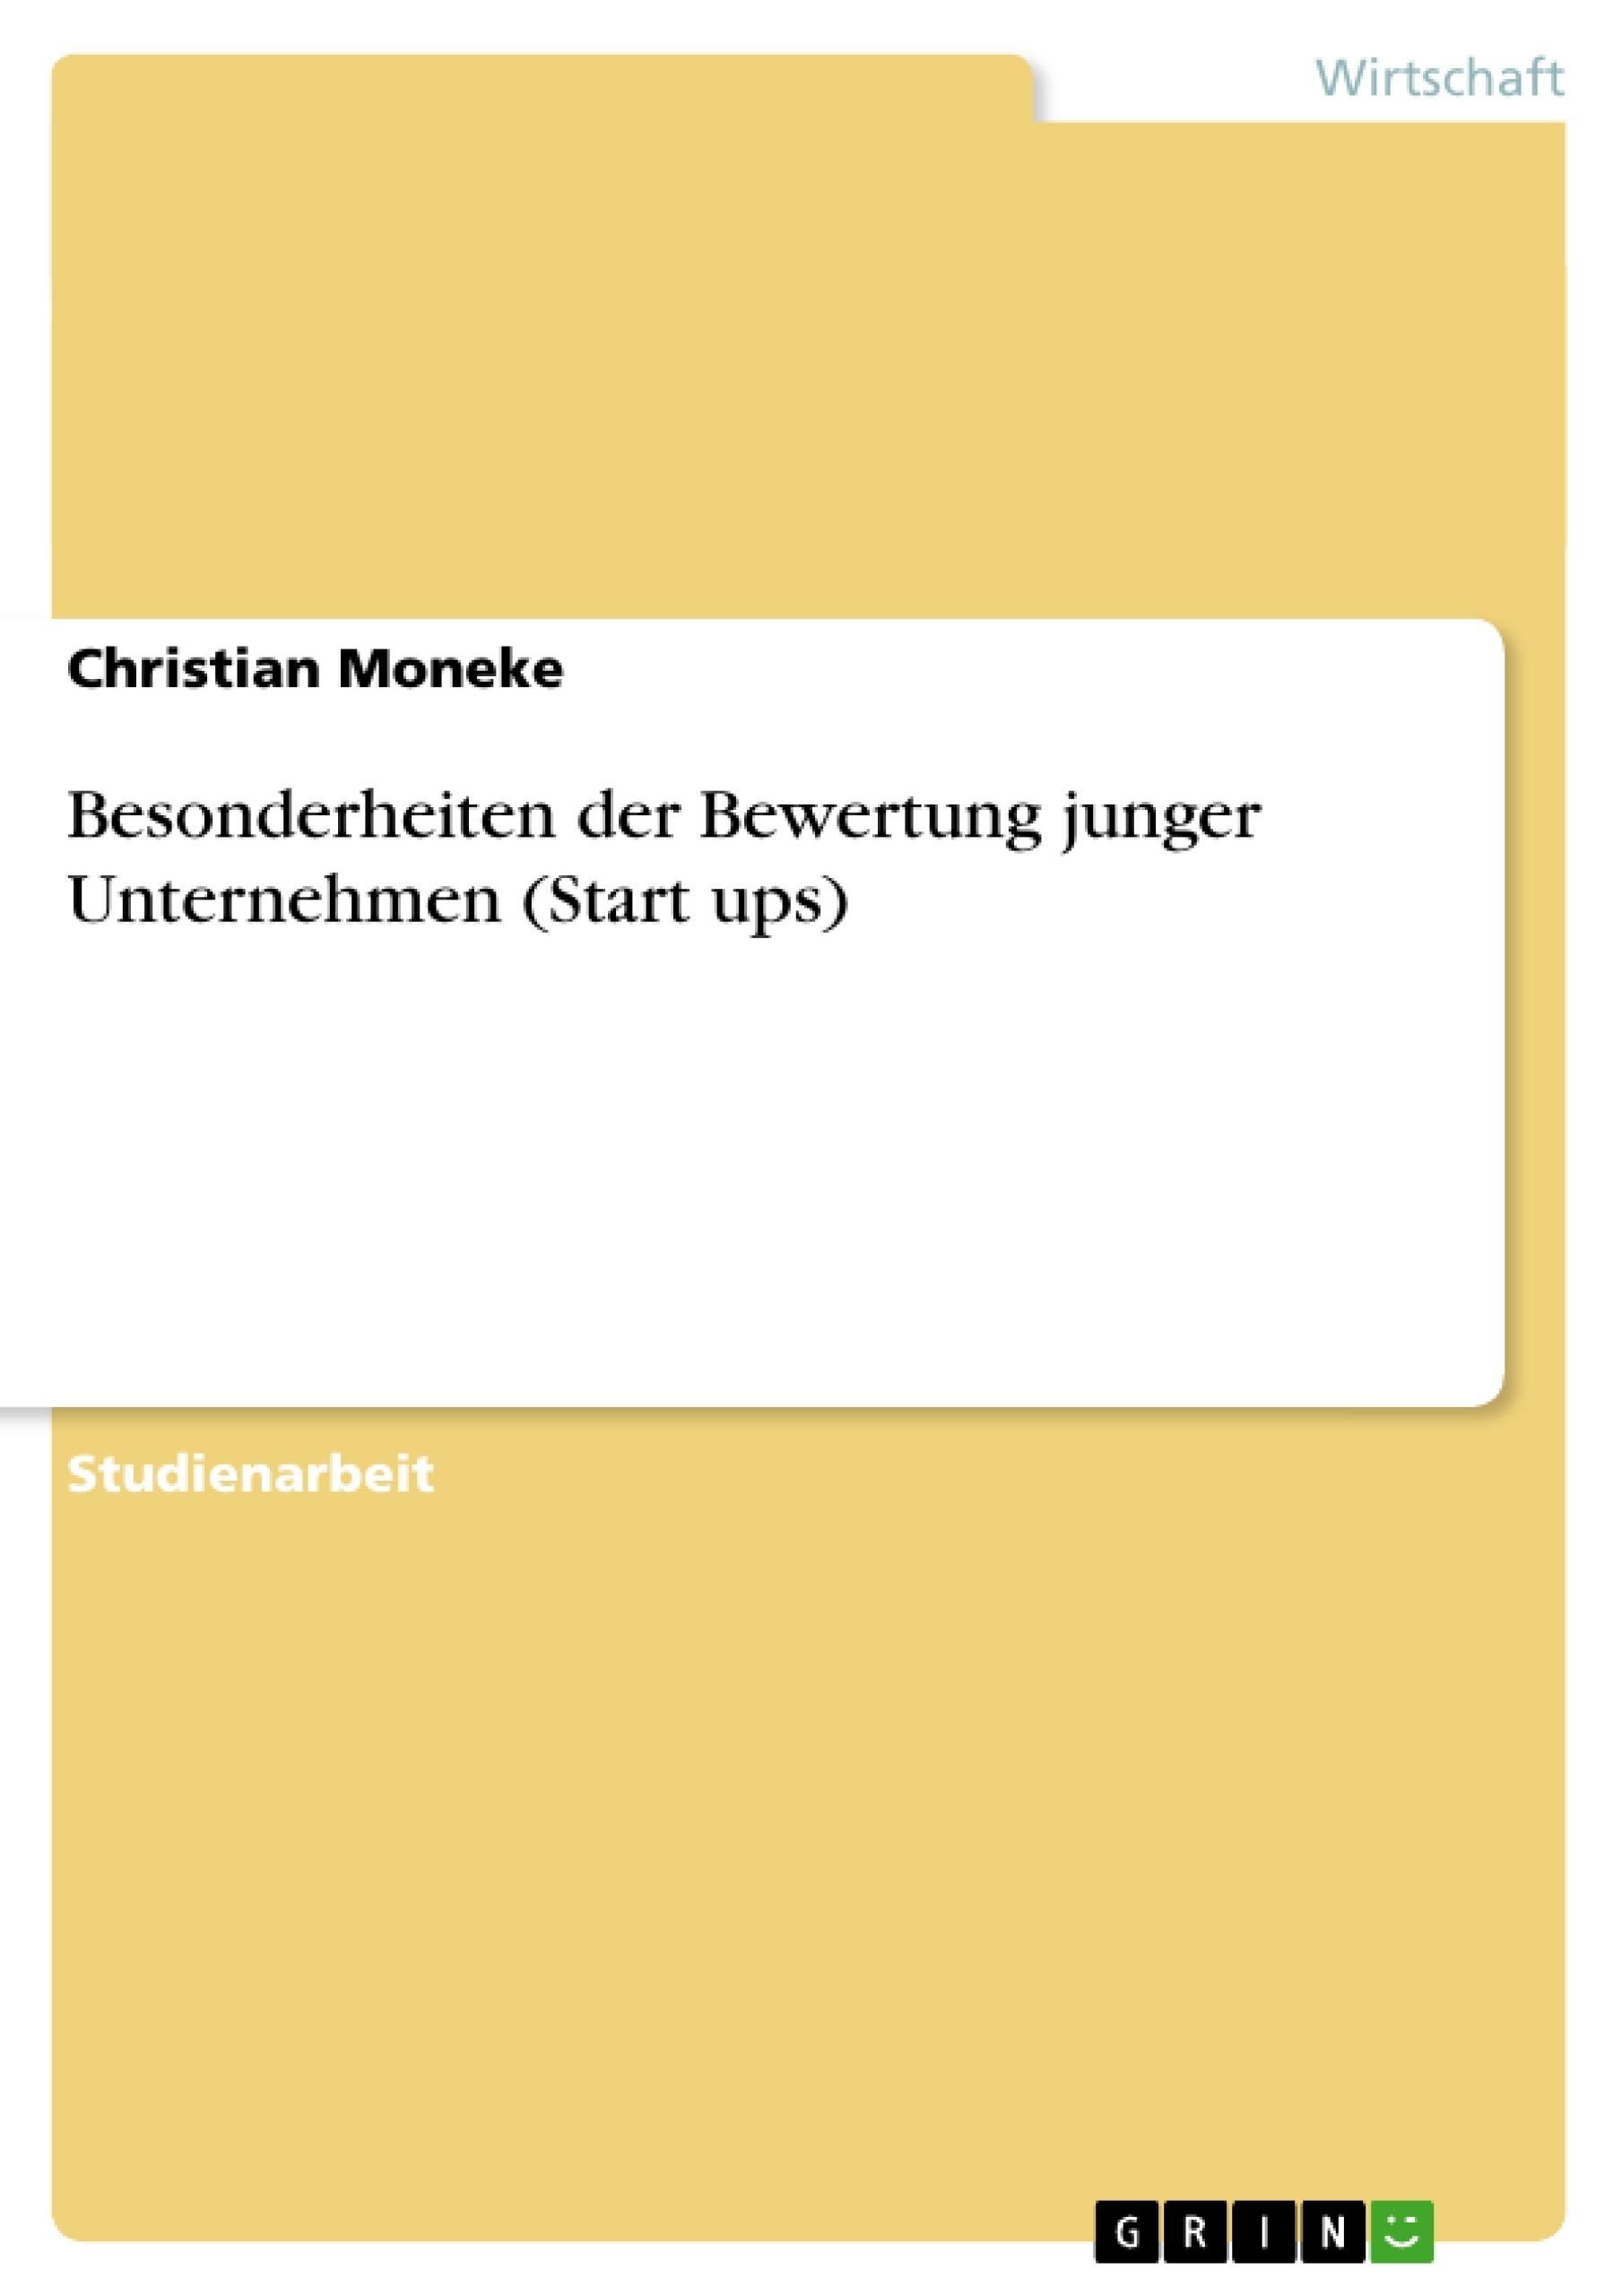 Titel: Besonderheiten der Bewertung junger Unternehmen (Start ups)